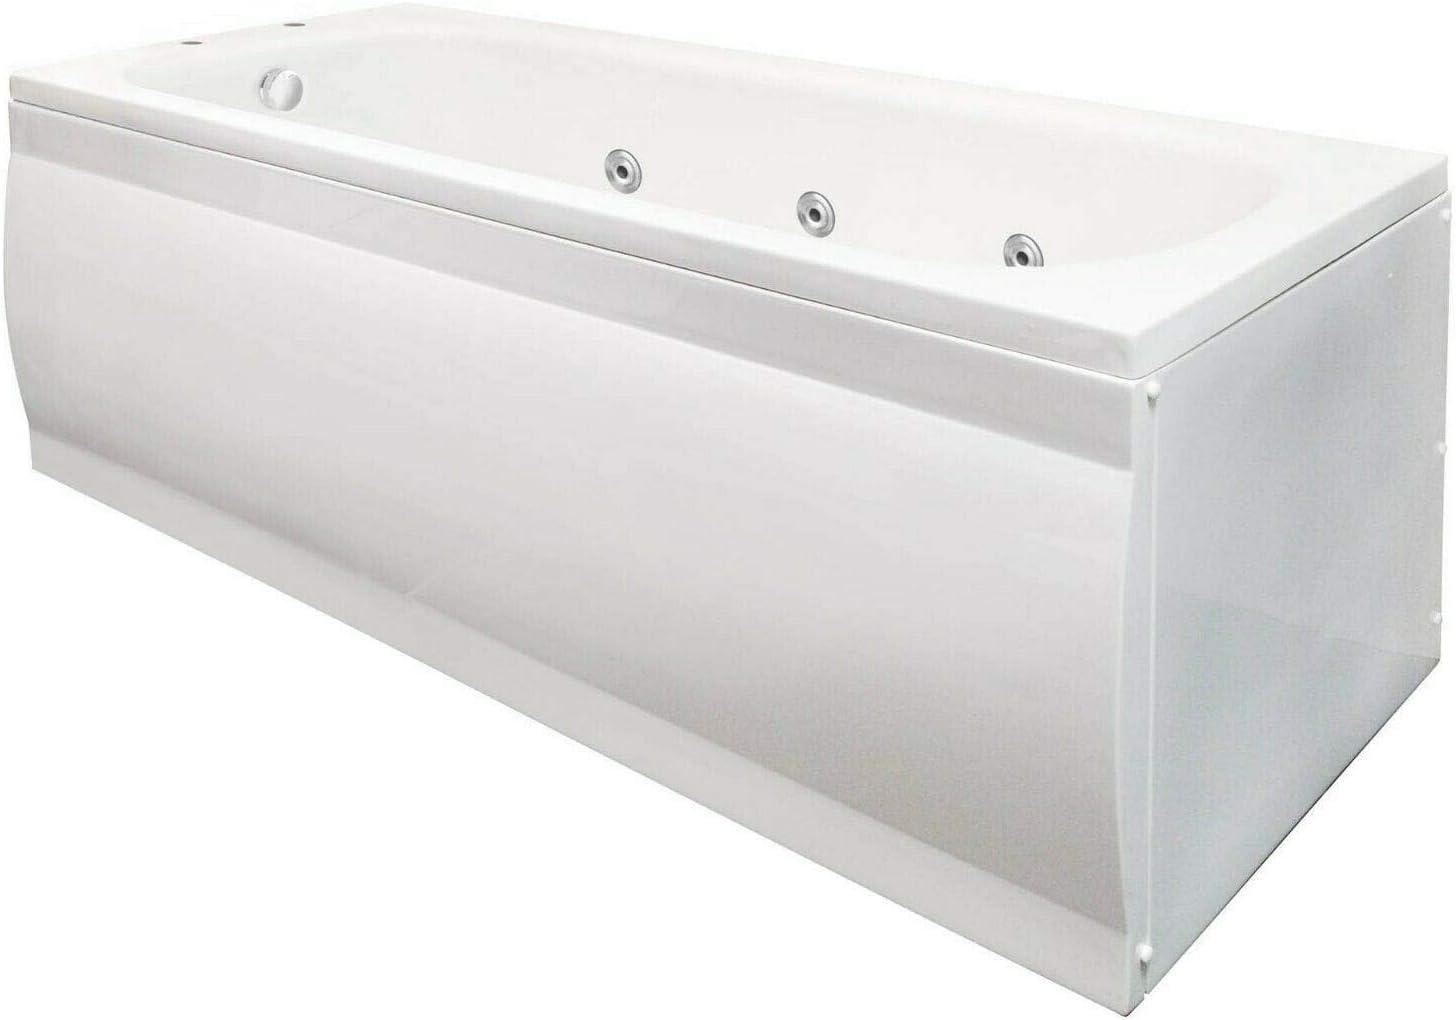 Standard 1700 x 700mm Whirlpool Bath with 11 Jet Jacuzzi Spa System Bathtub